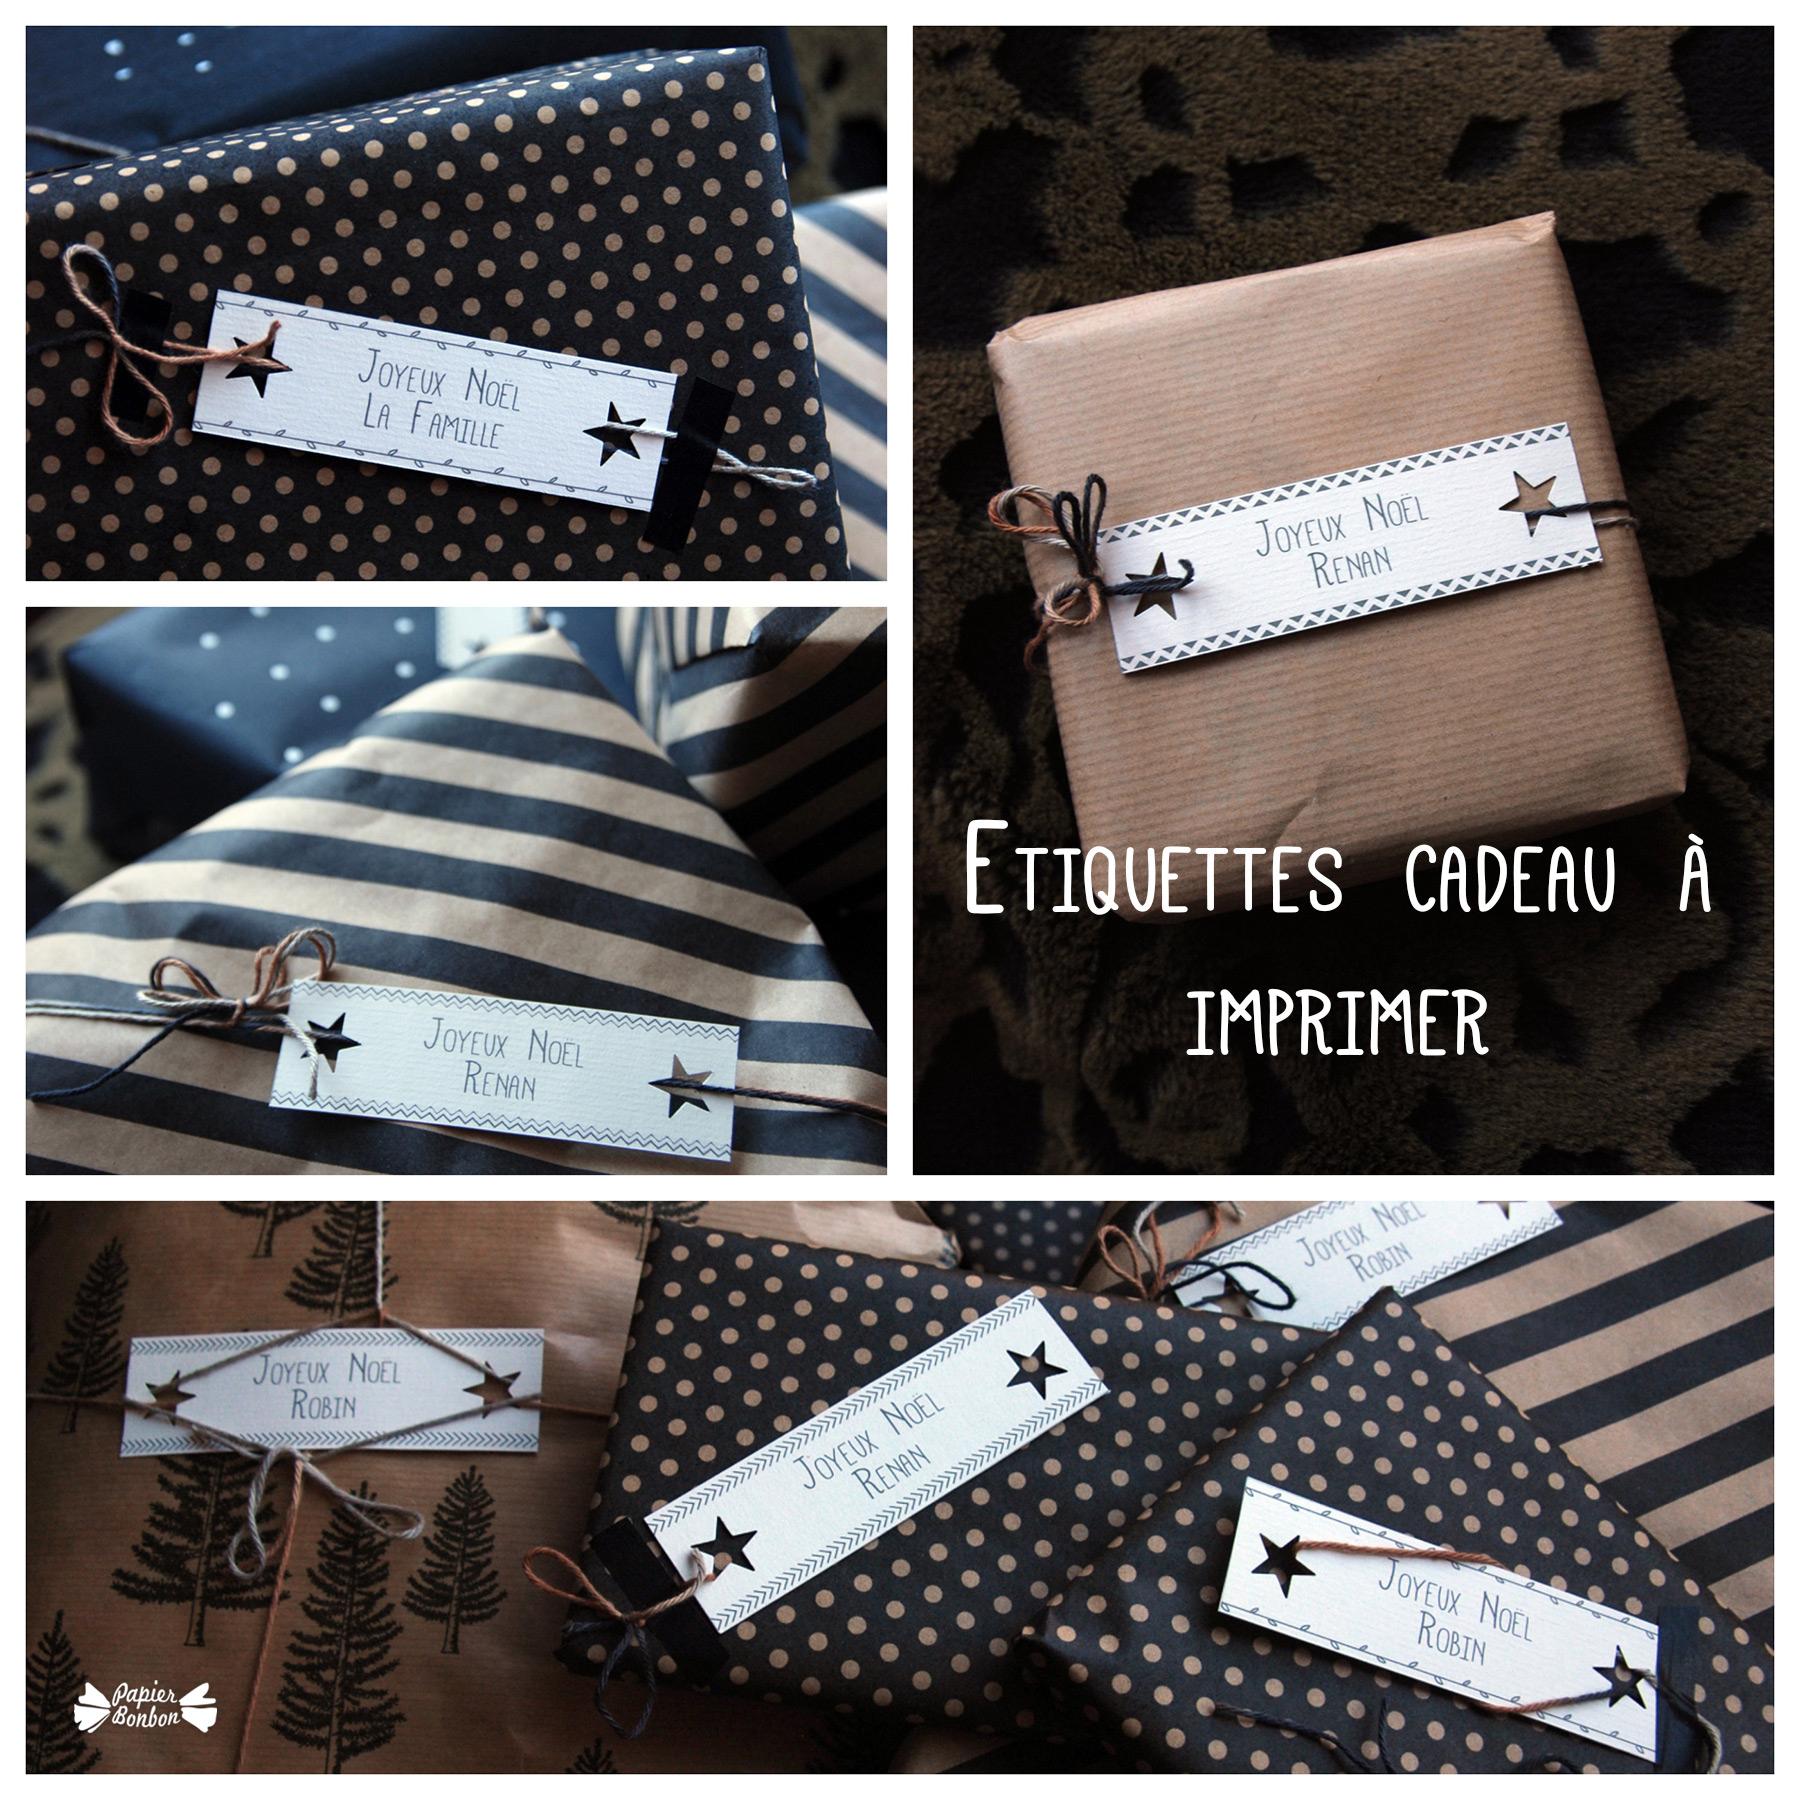 Cadeau : Etiquettes De Noël À Imprimer - Papier Bonbon destiné Etiquette Noel À Imprimer